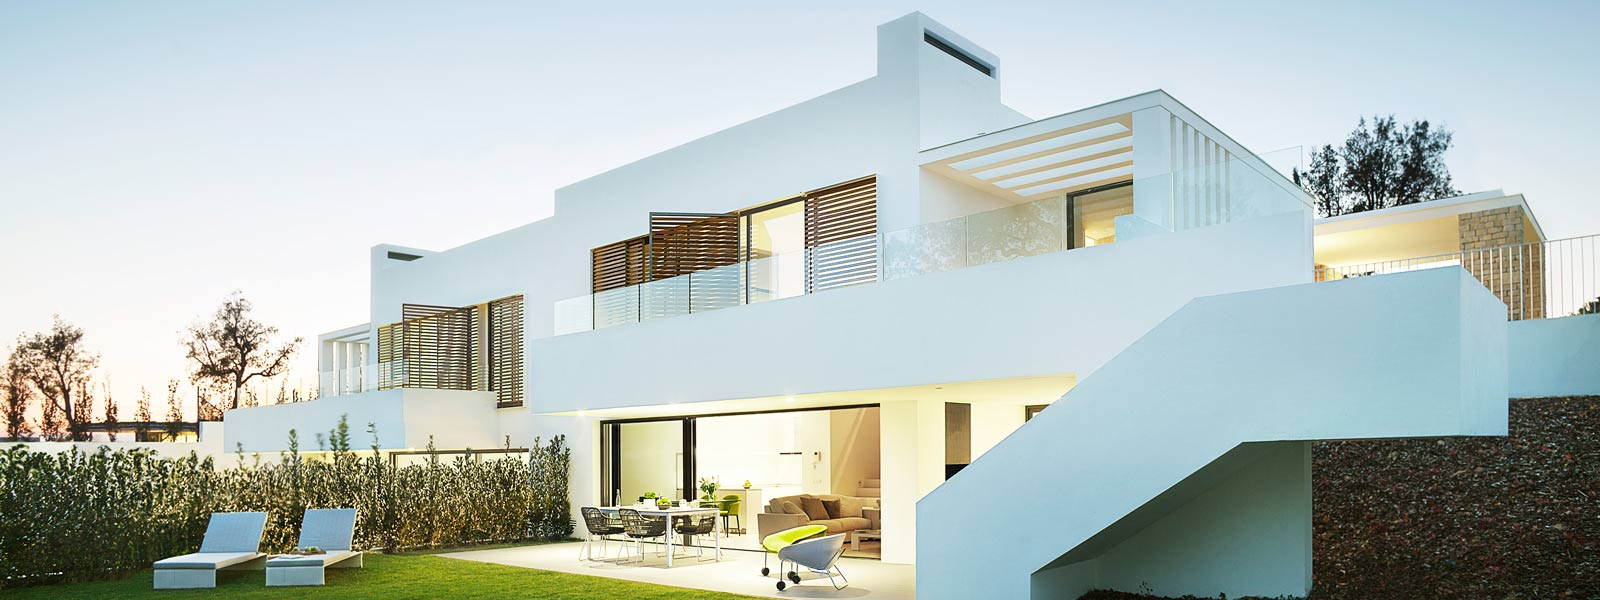 Permis de s jour espagnol europ en pour les acheteurs trangers - Maison moderne espagne ...